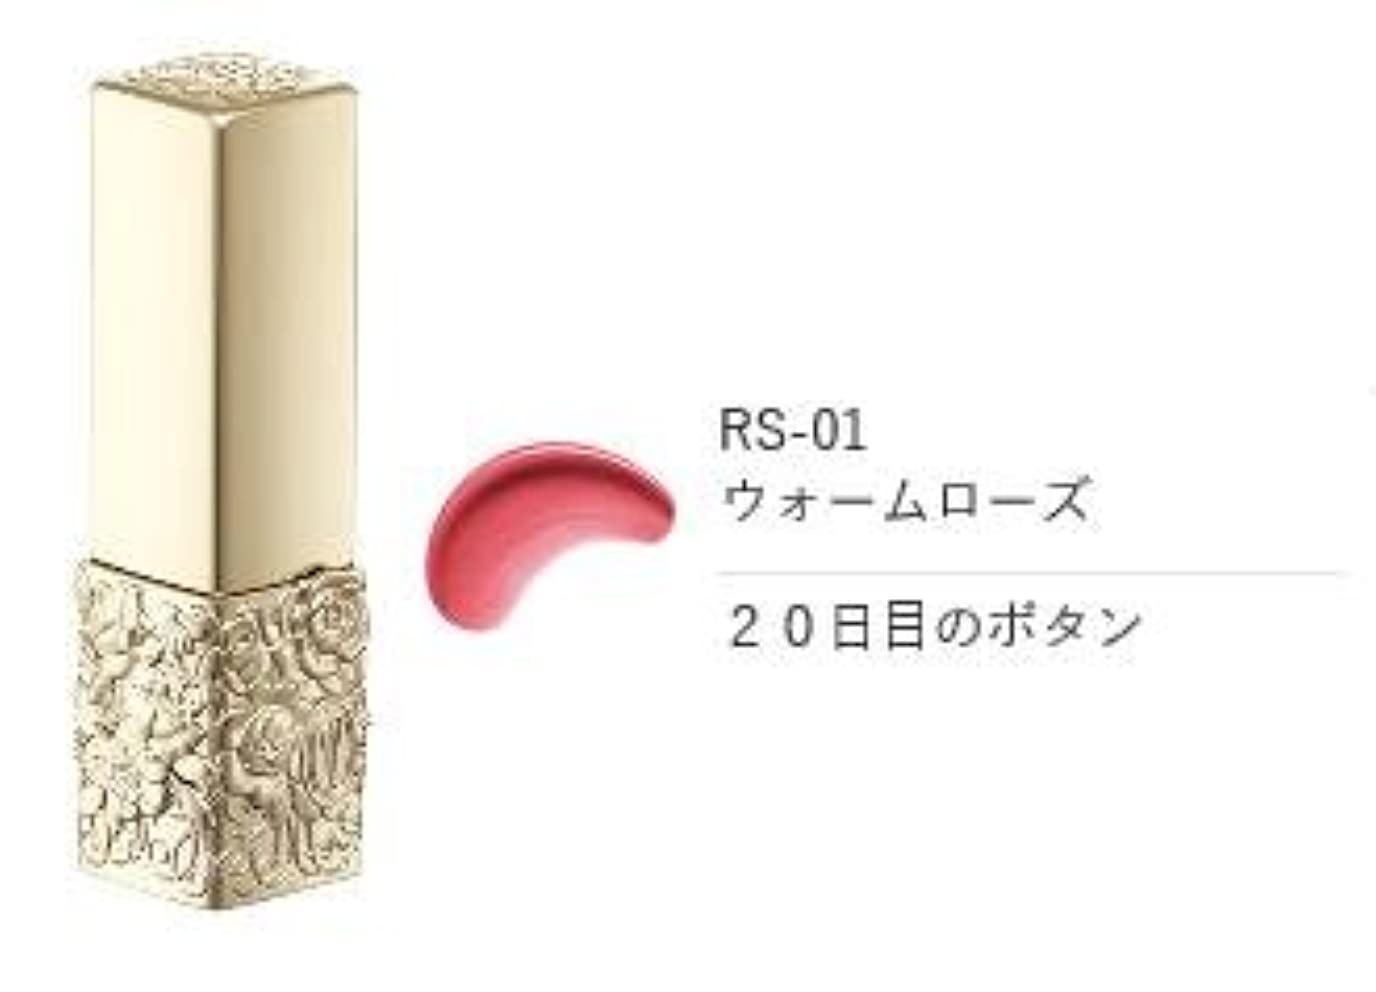 真鍮氏合成トワニー ララブーケルージュグロッシー RS-01